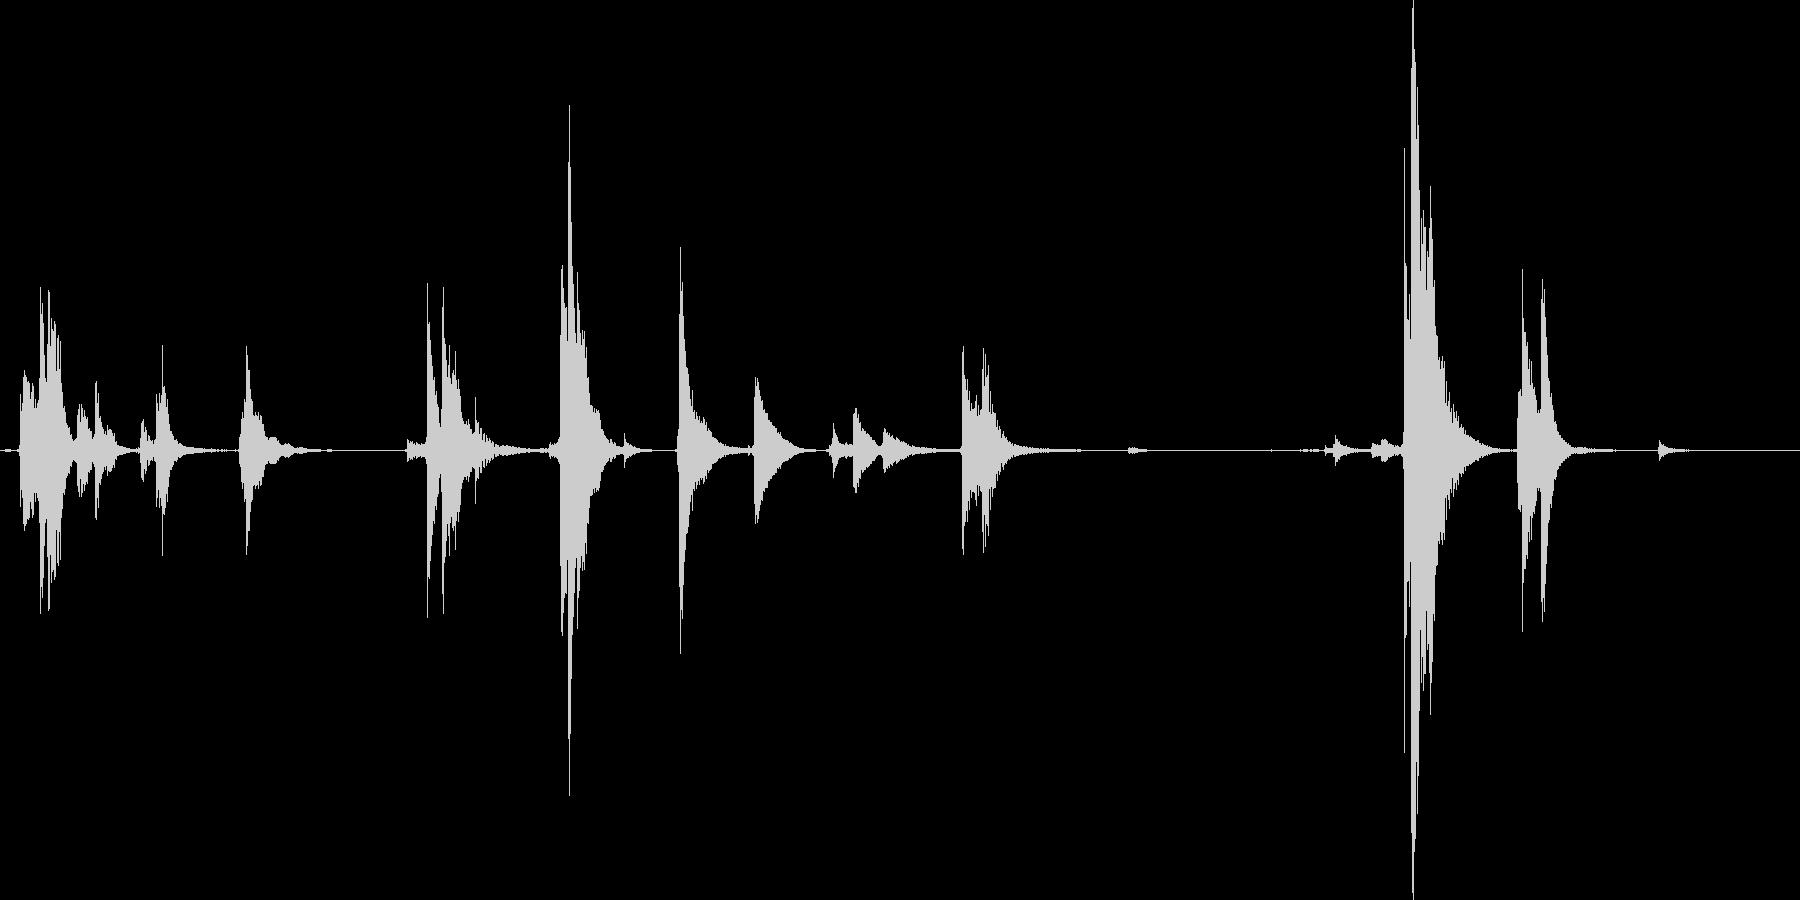 玄関のチリ~ンという音の未再生の波形